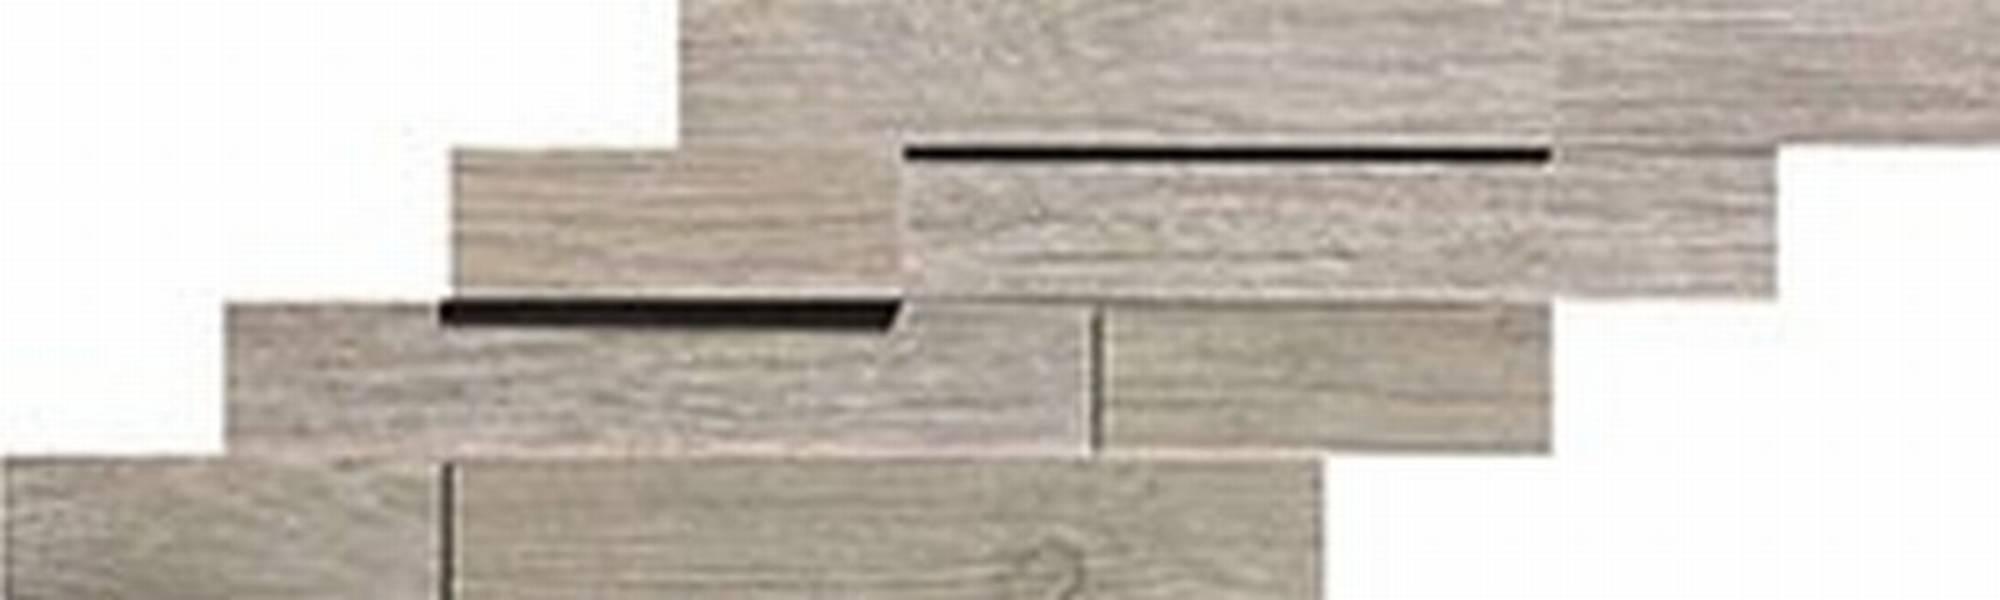 ATLAS CONCORDE AXI tegelmat brick 3d 20 x 44 cm. doos a 4 stuks SILVER FIR (AMWC)